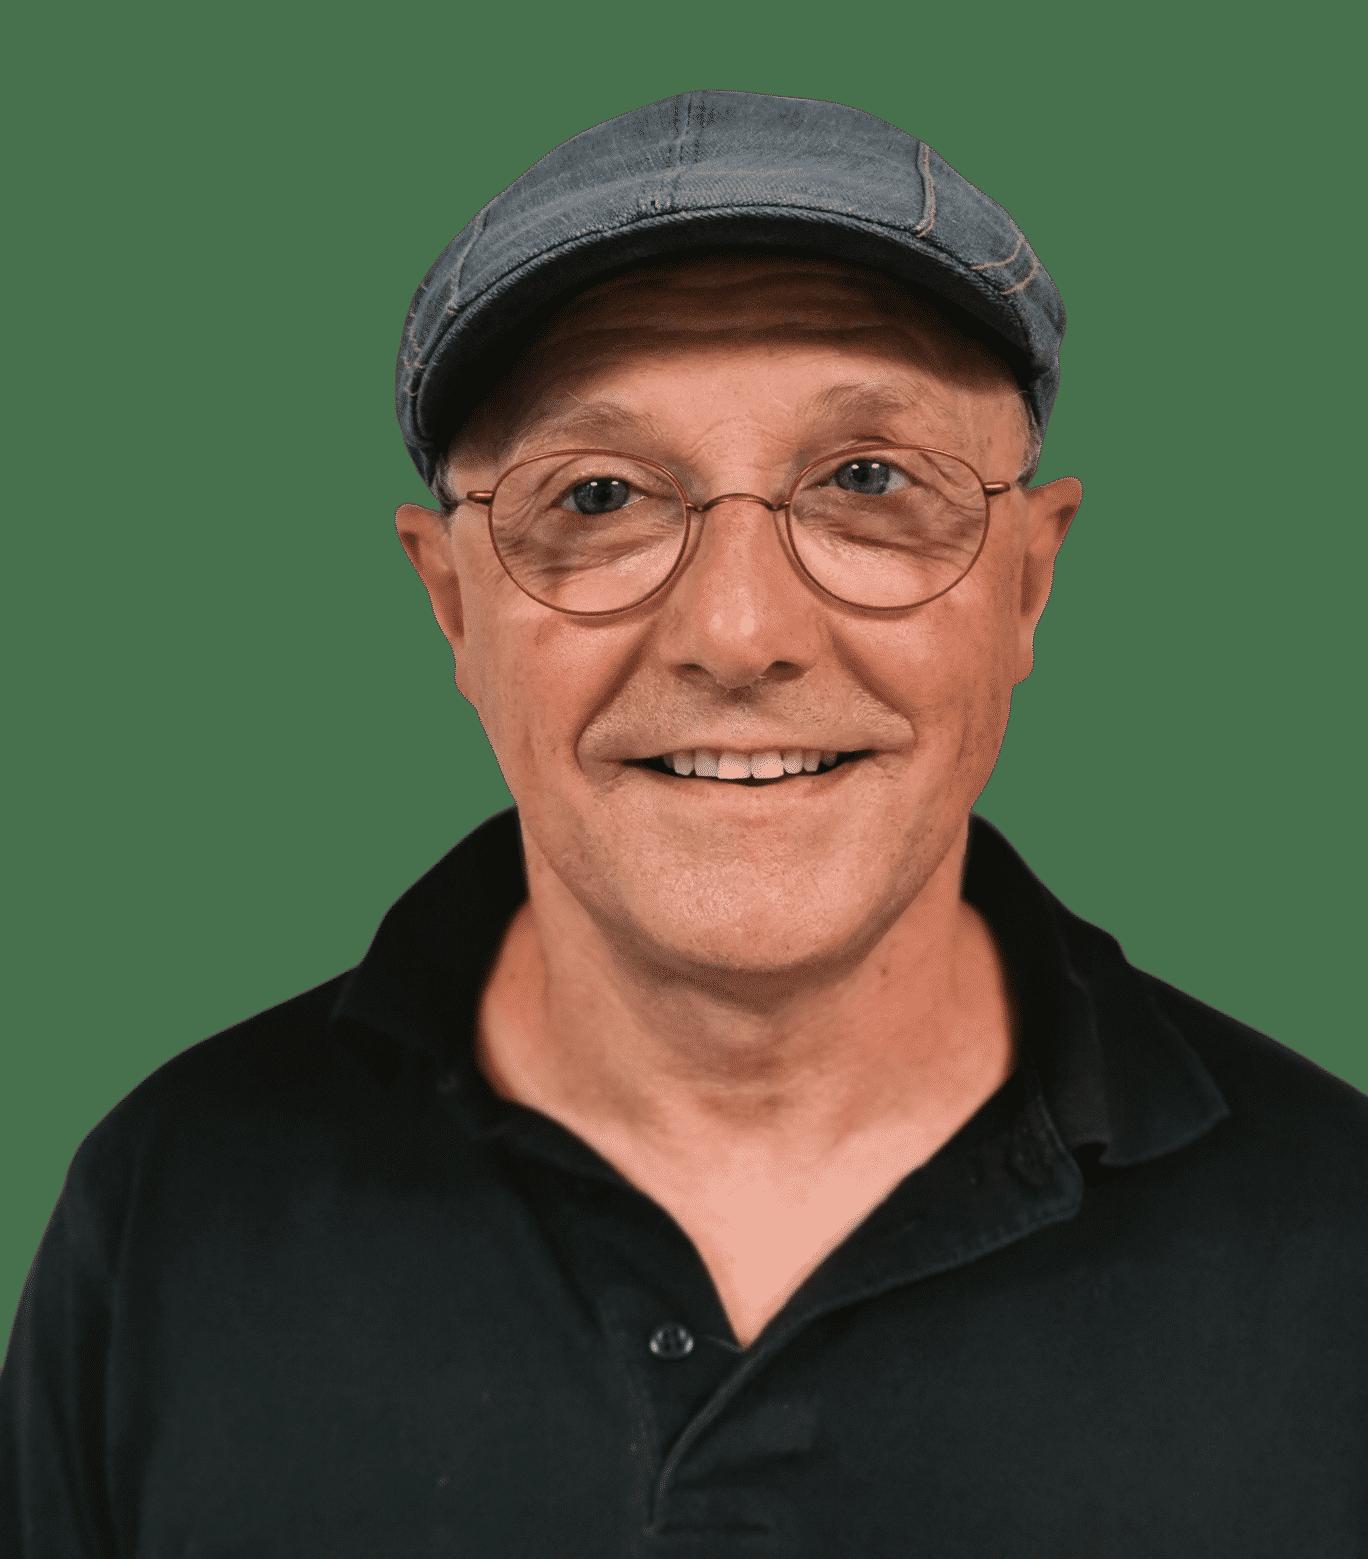 Marcial Cardo Saban est le créateur de Dicoptic, le dictionnaire de l'optique